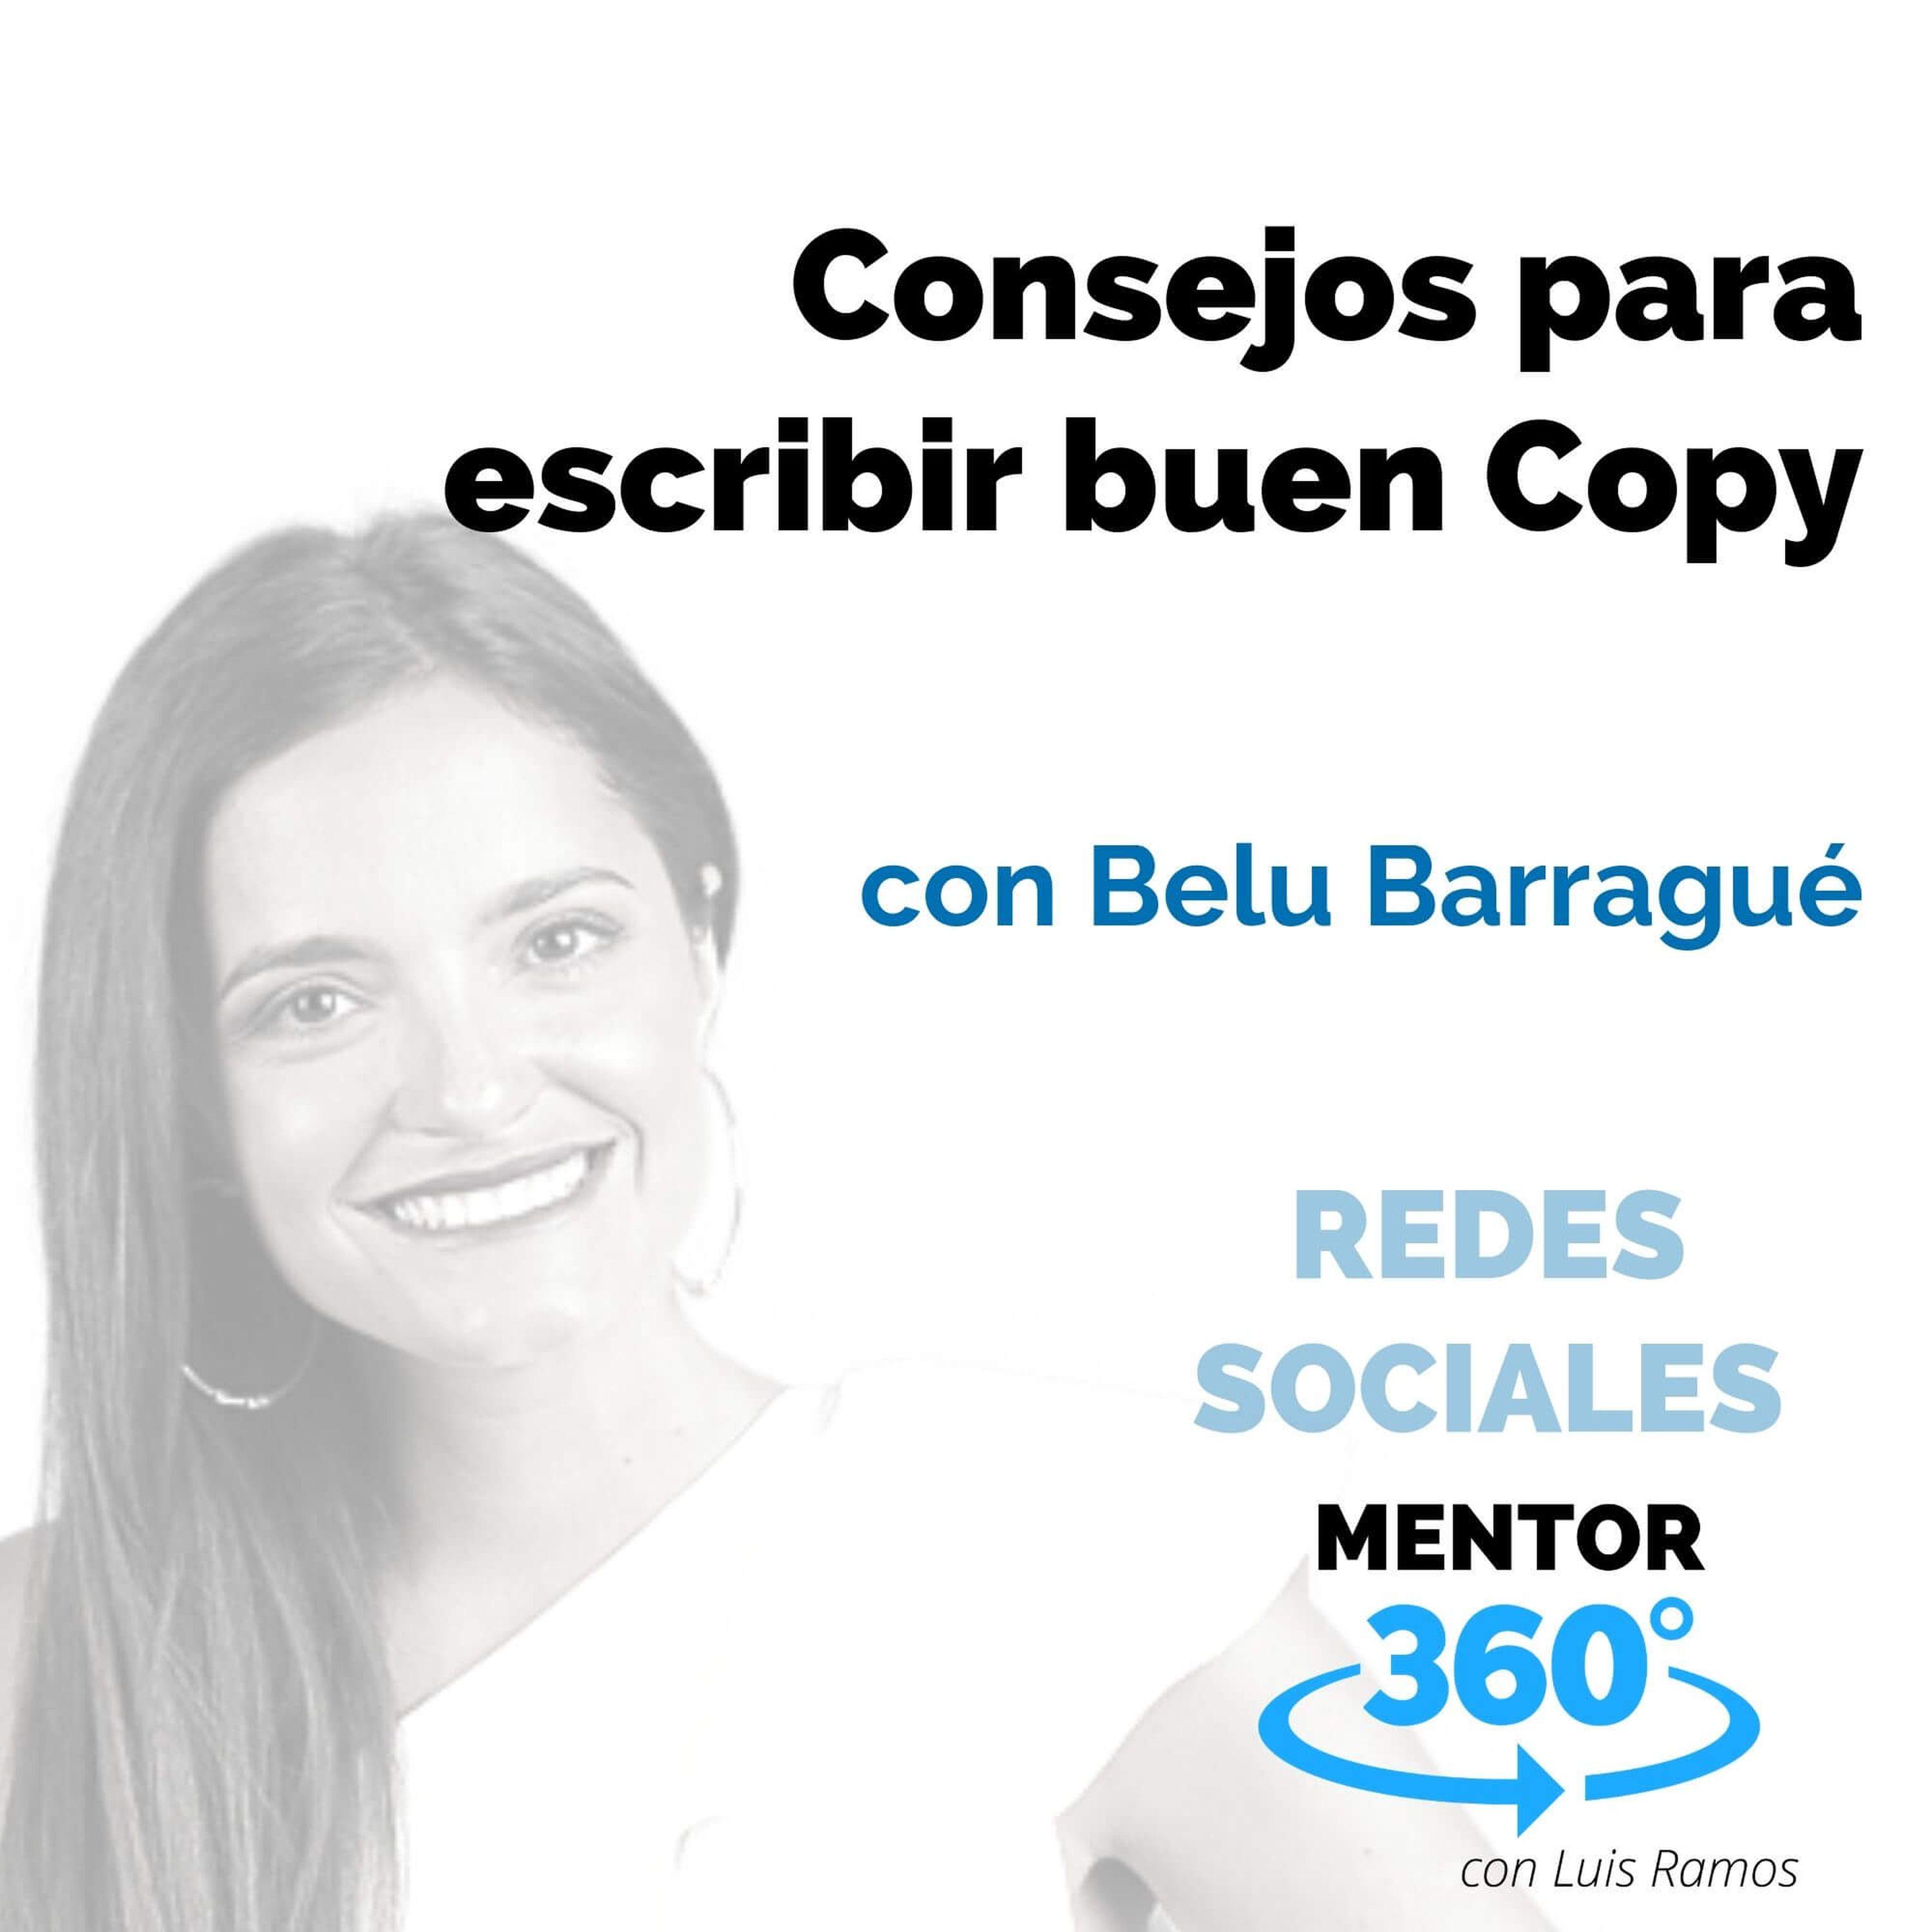 Consejos para escribir buen Copy, con Belu Barragué - REDES SOCIALES - MENTOR360